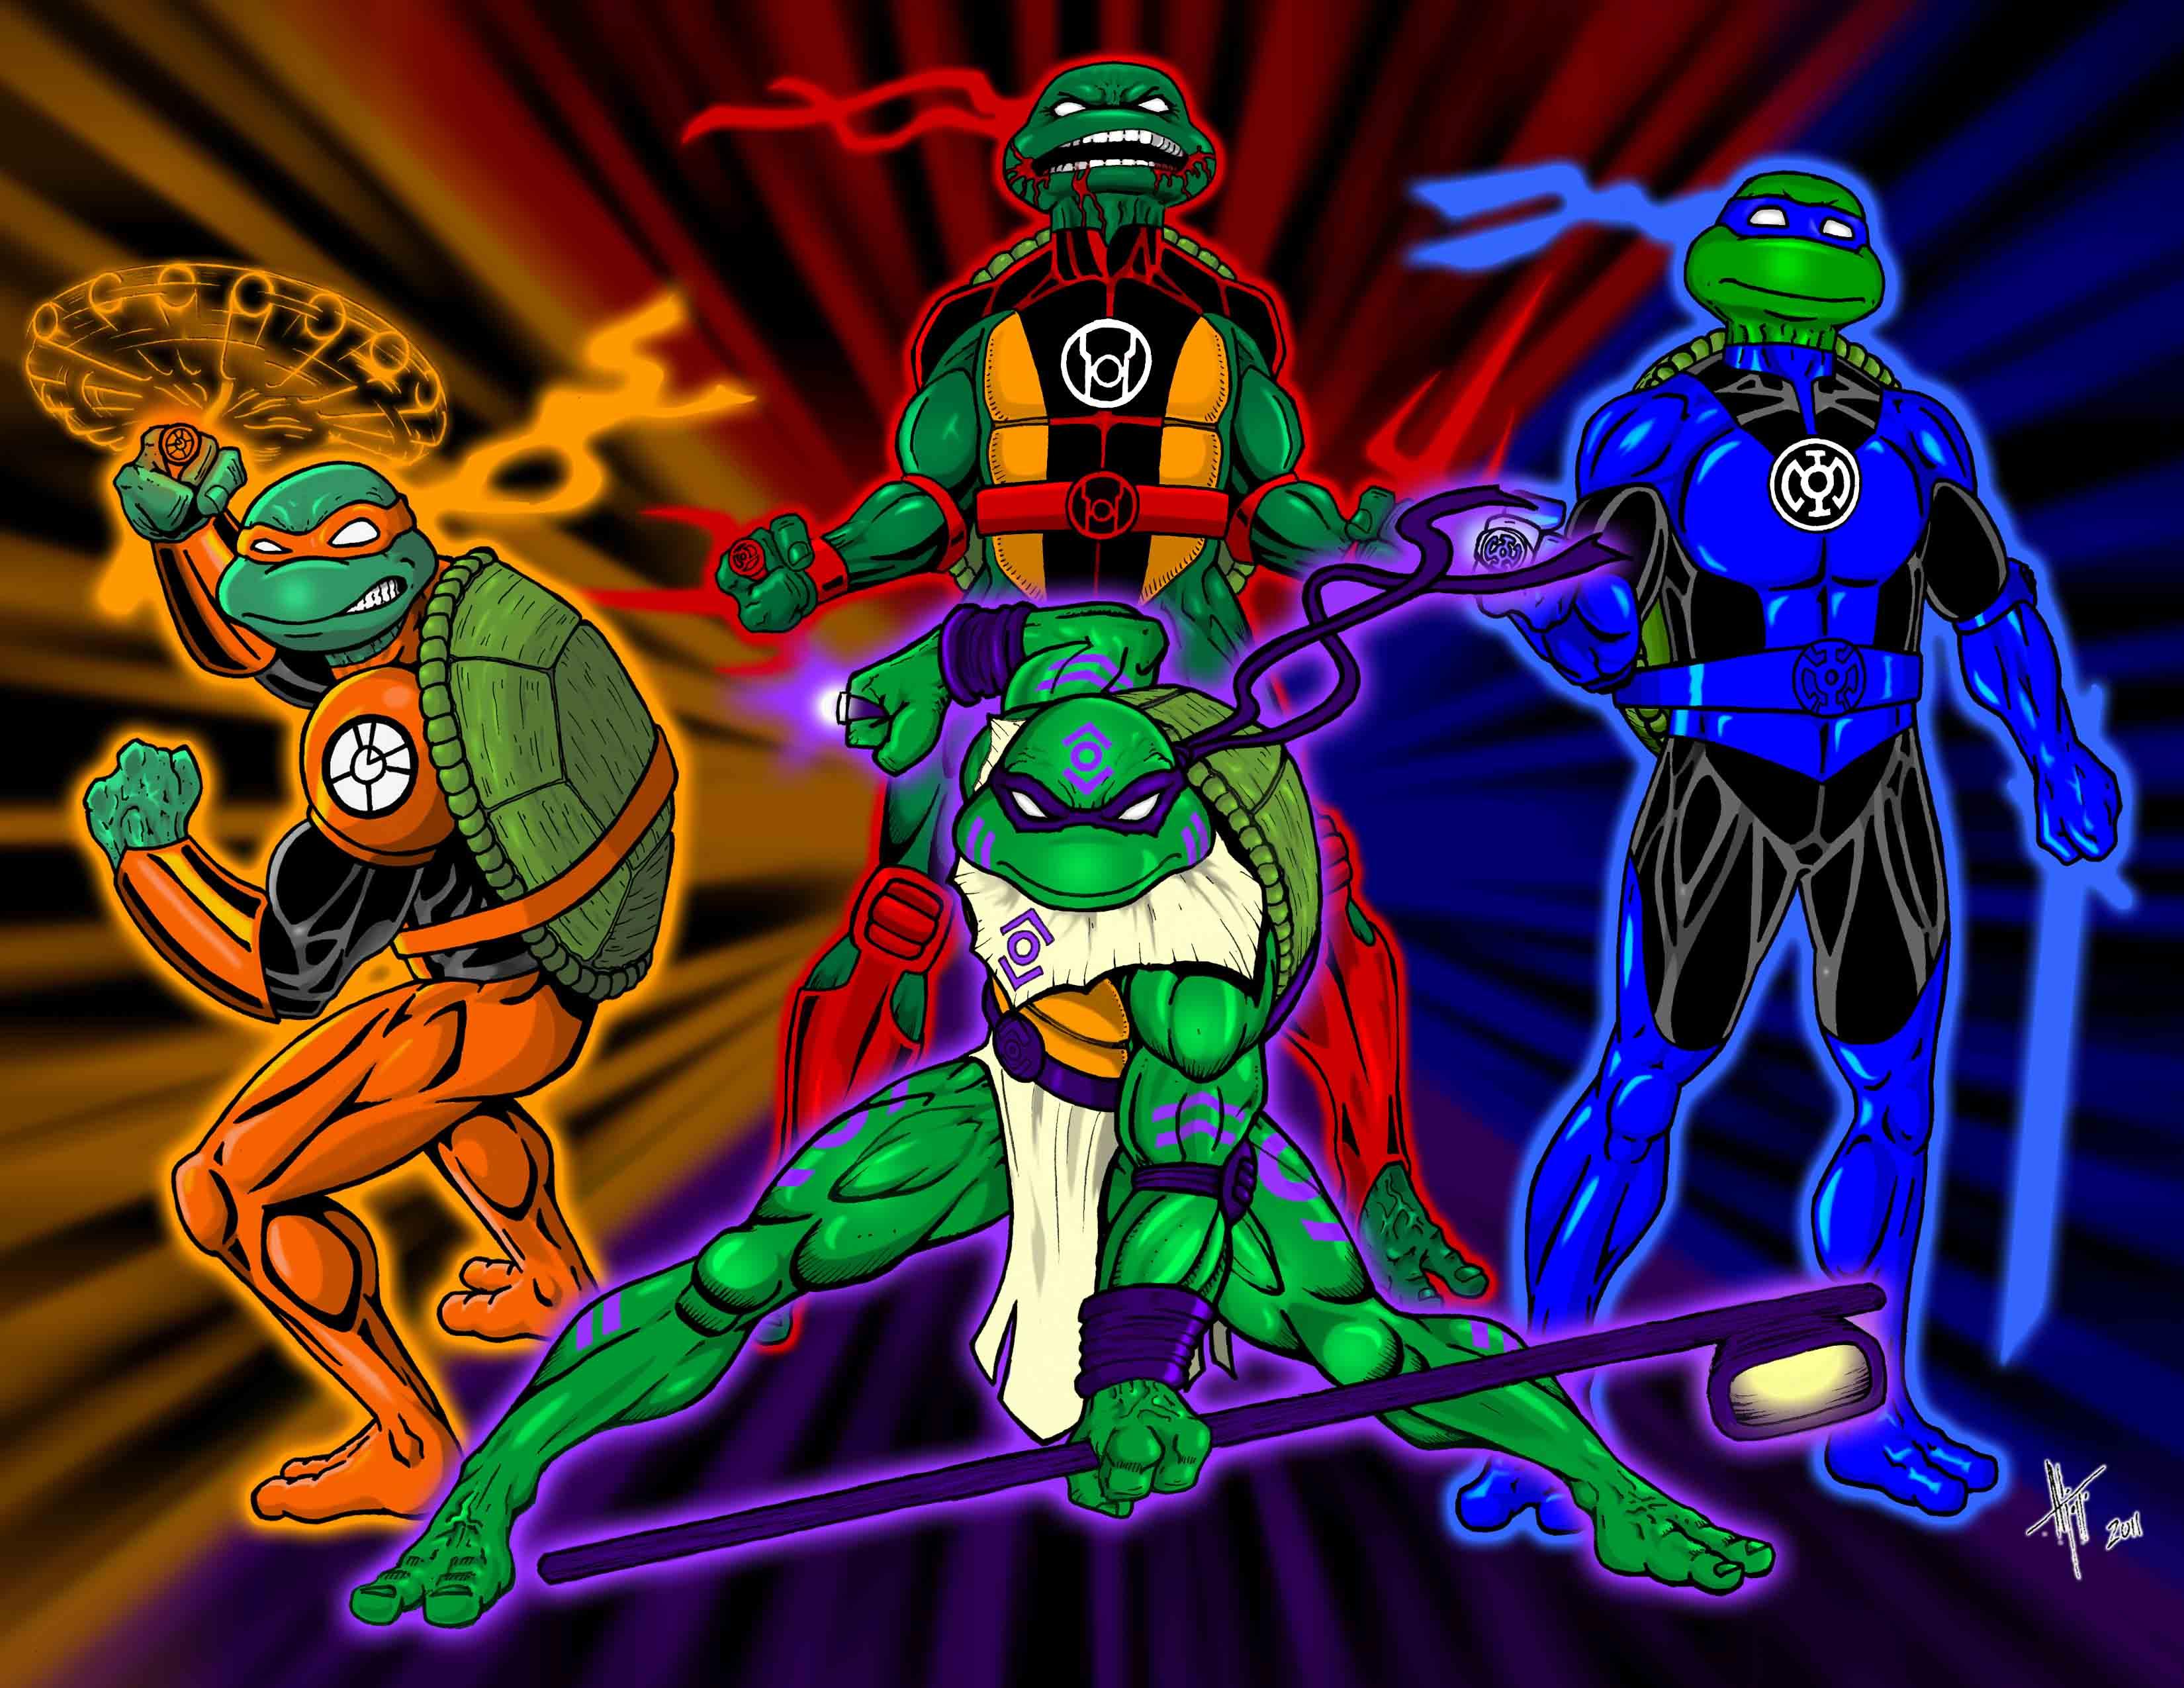 100 ideas ninja turtle pictures to print on emergingartspdx com